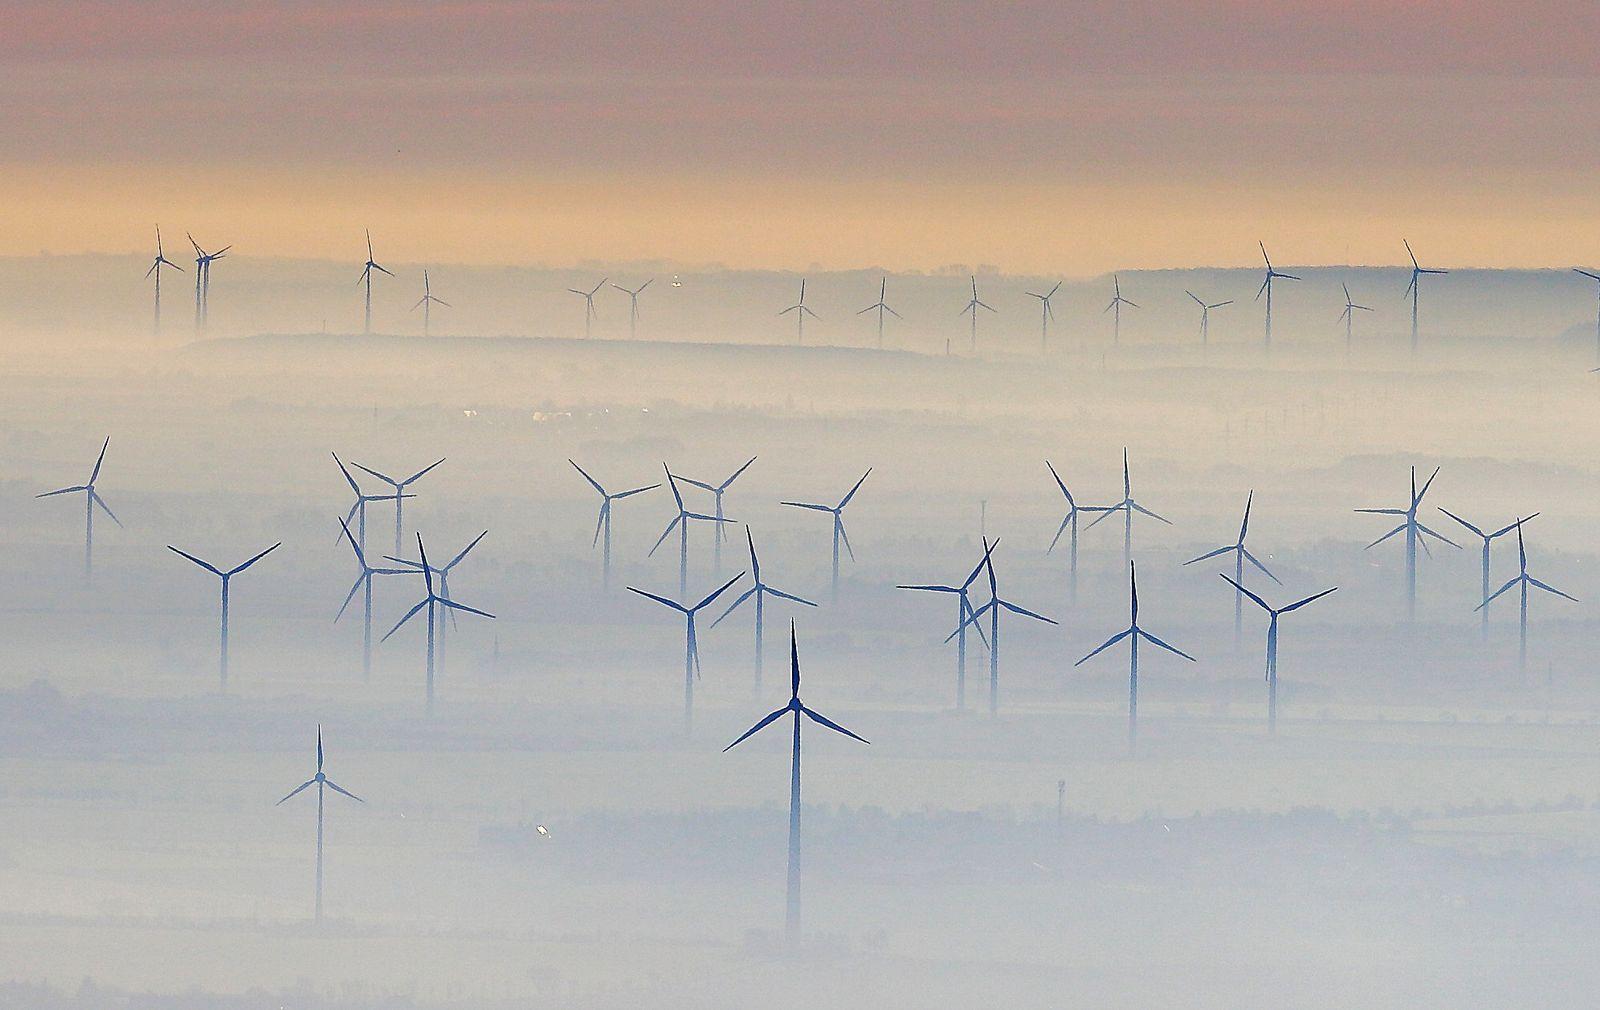 Windräder/ Bruttoinlandsprodukt